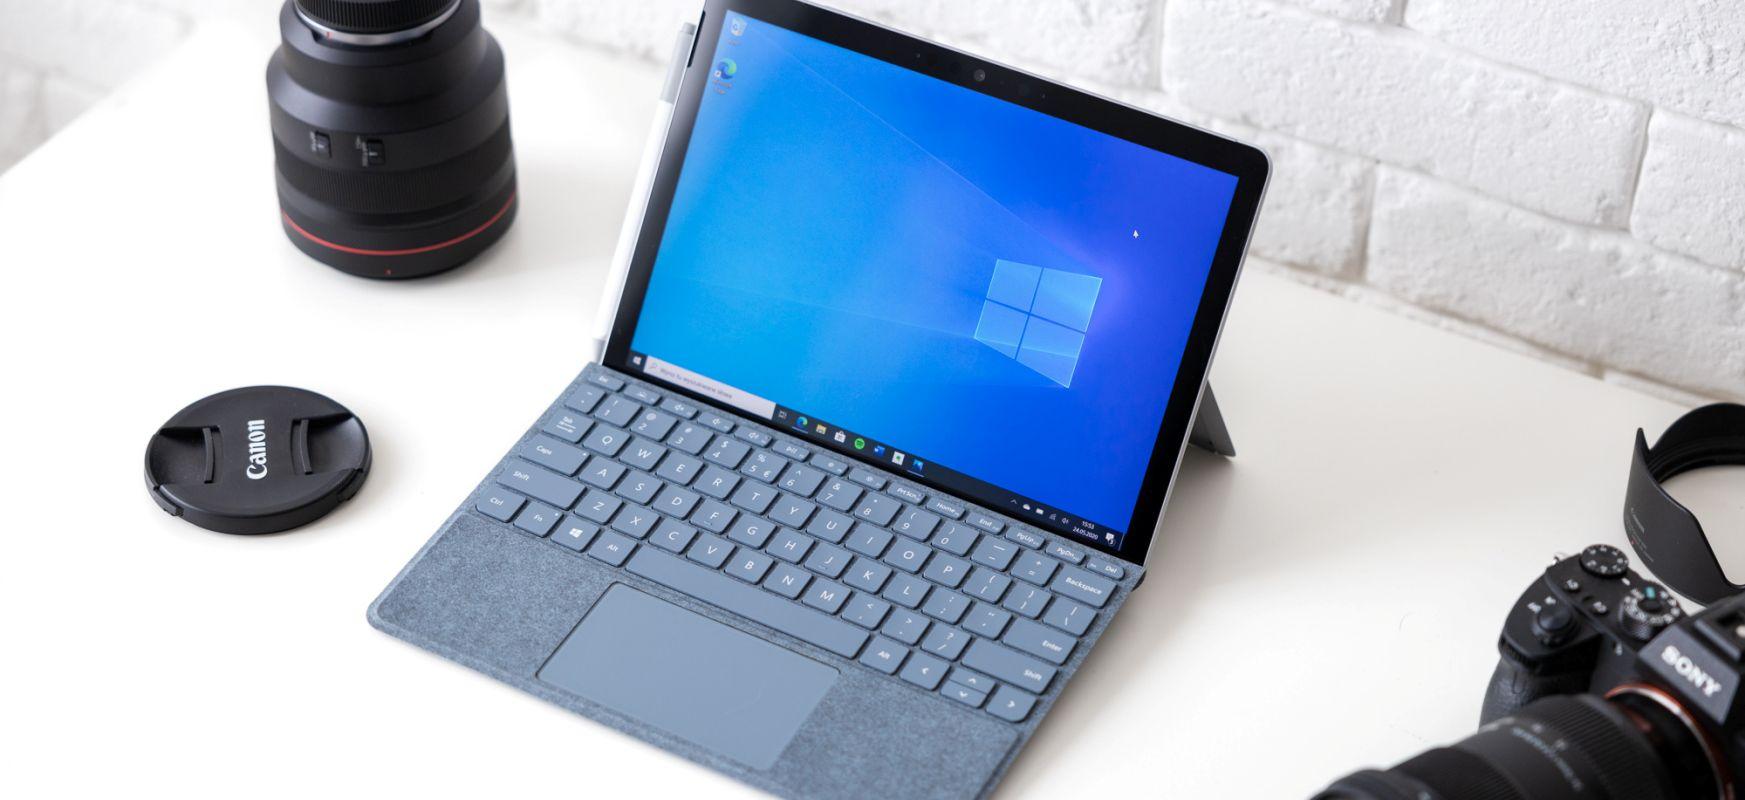 Windows 10 eguneratzeak horrenbeste errore itzuli ditu.  Microsoft ordenagailuetan ere ez du funtzionatzen